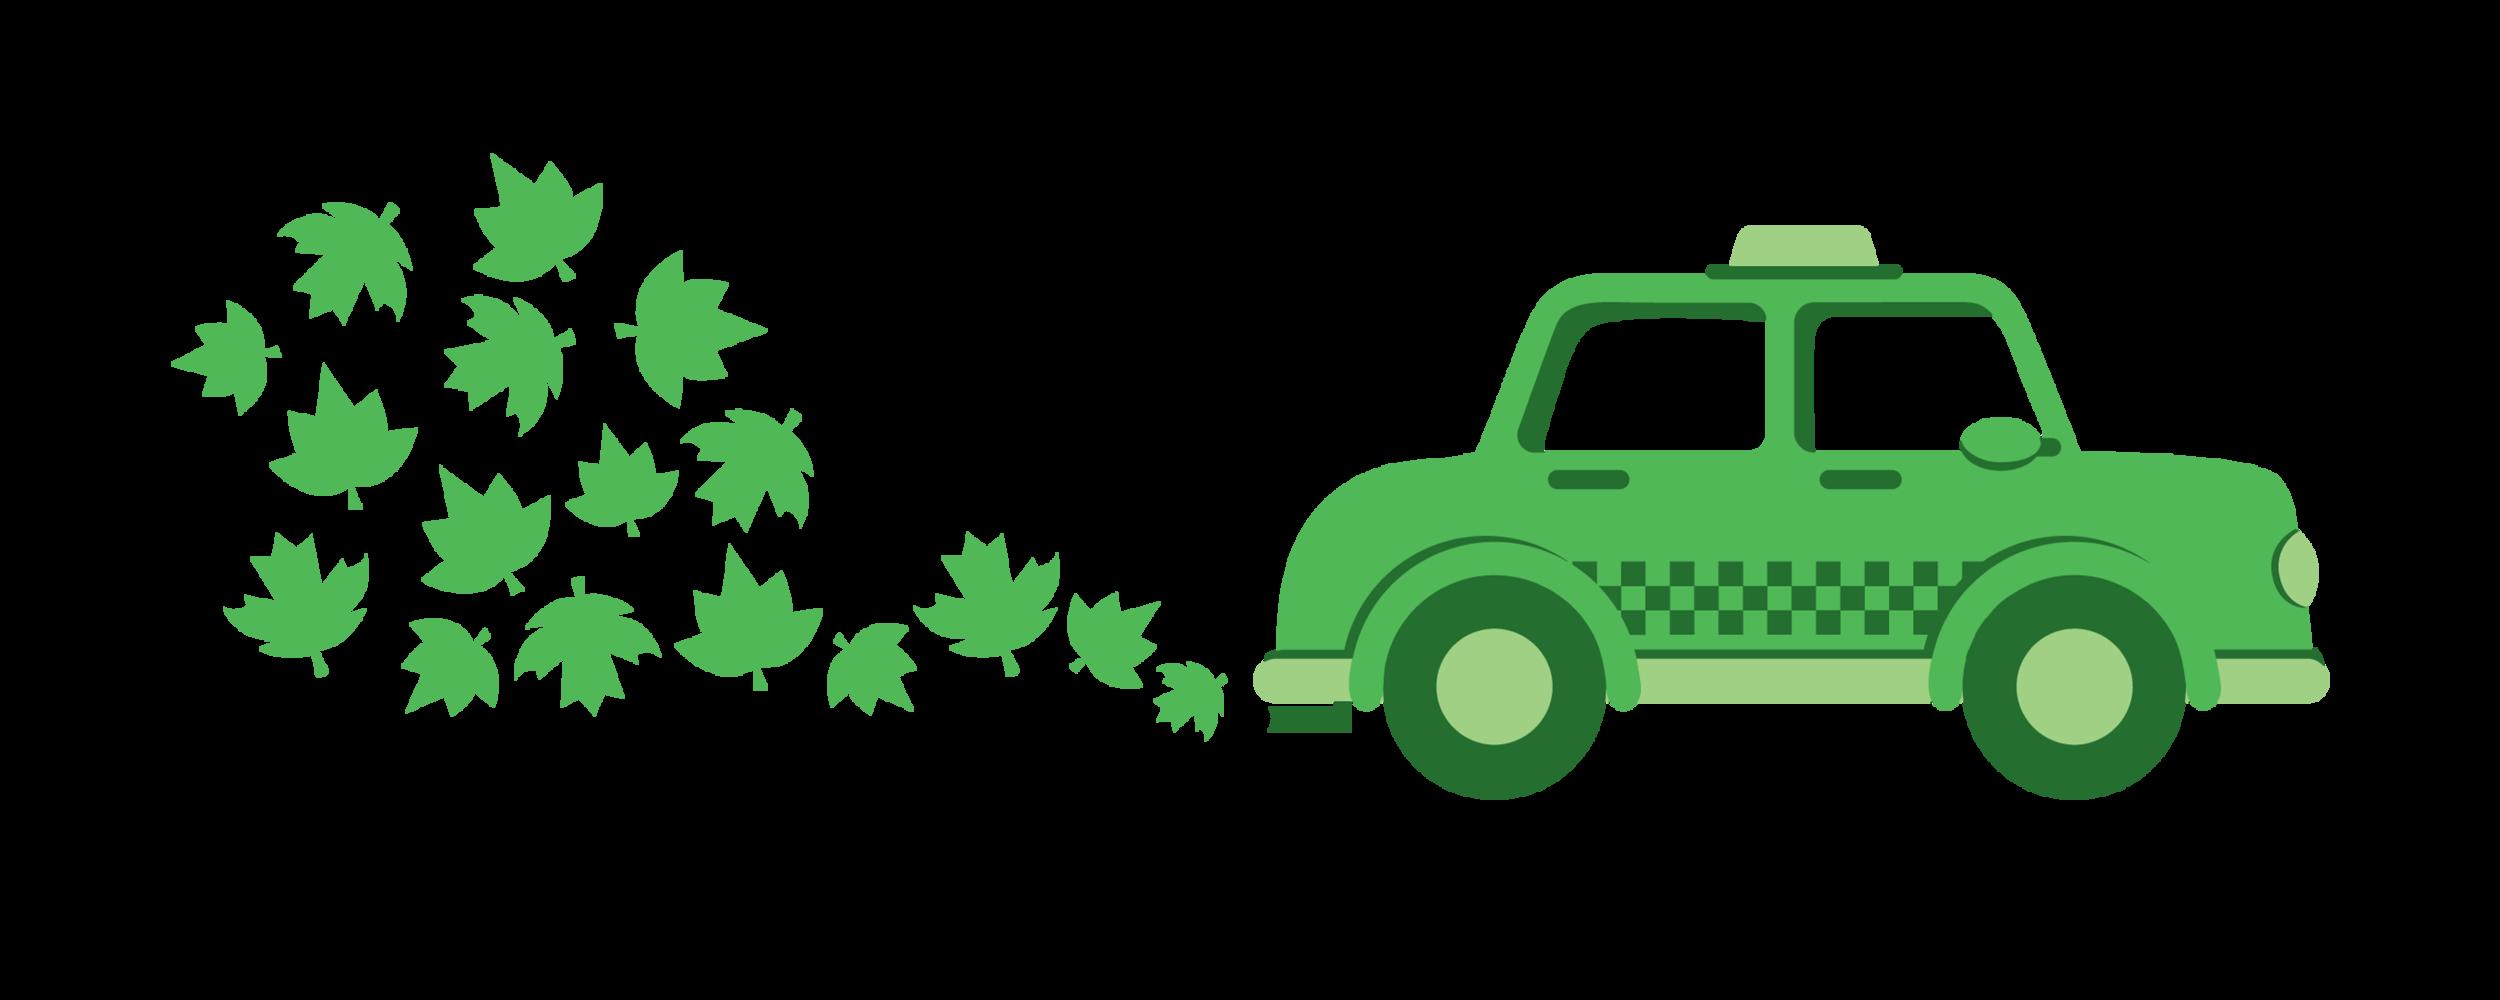 Green Taxi - Nov 15.png